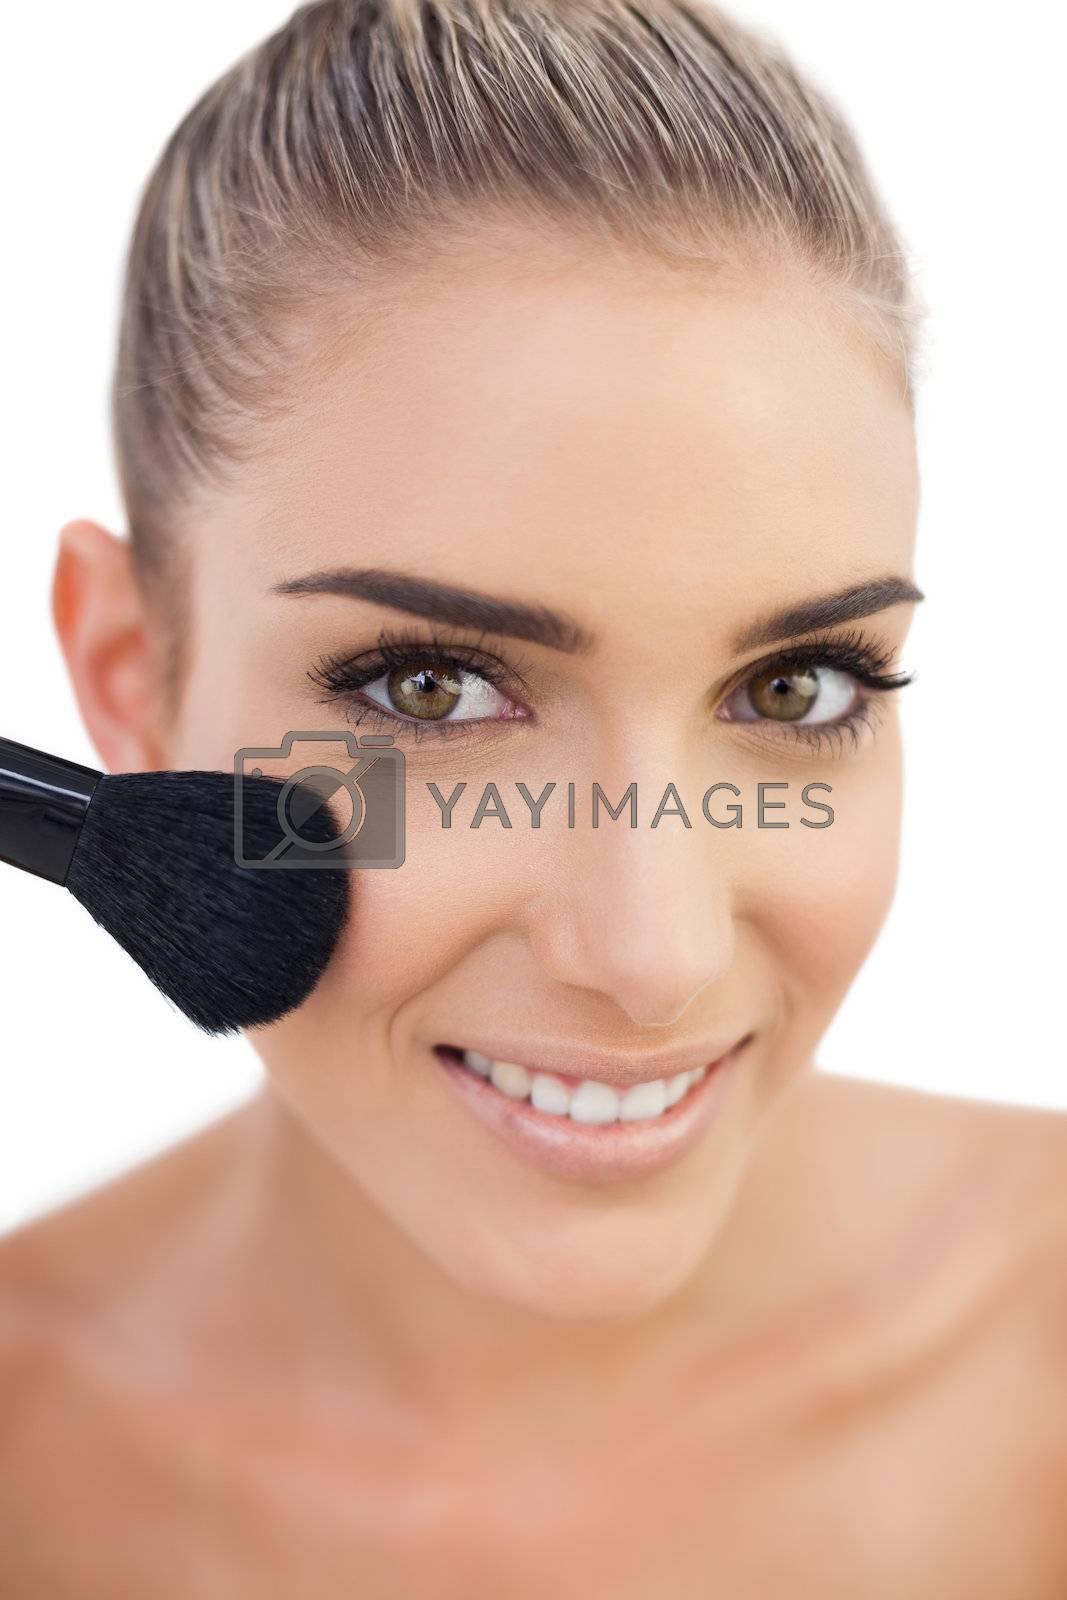 Cheerful woman applying powder on her cheeks by Wavebreakmedia